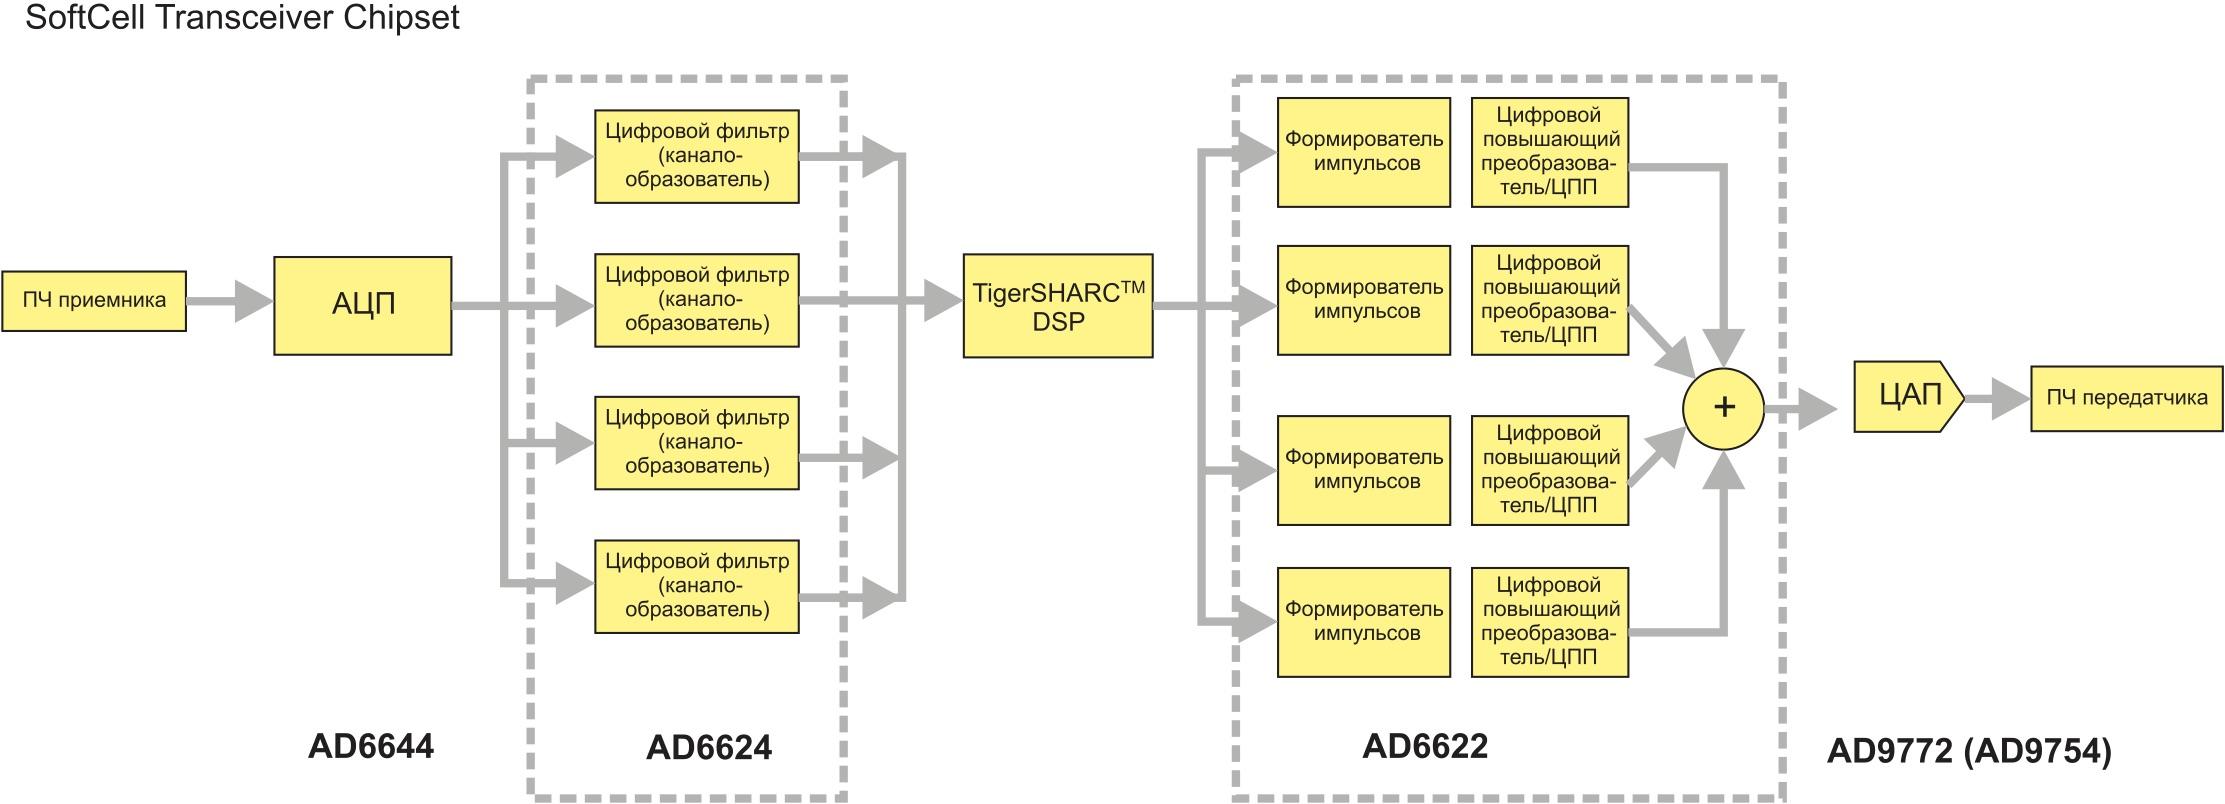 Блок-схема базовой станции на чипсете SoftCell